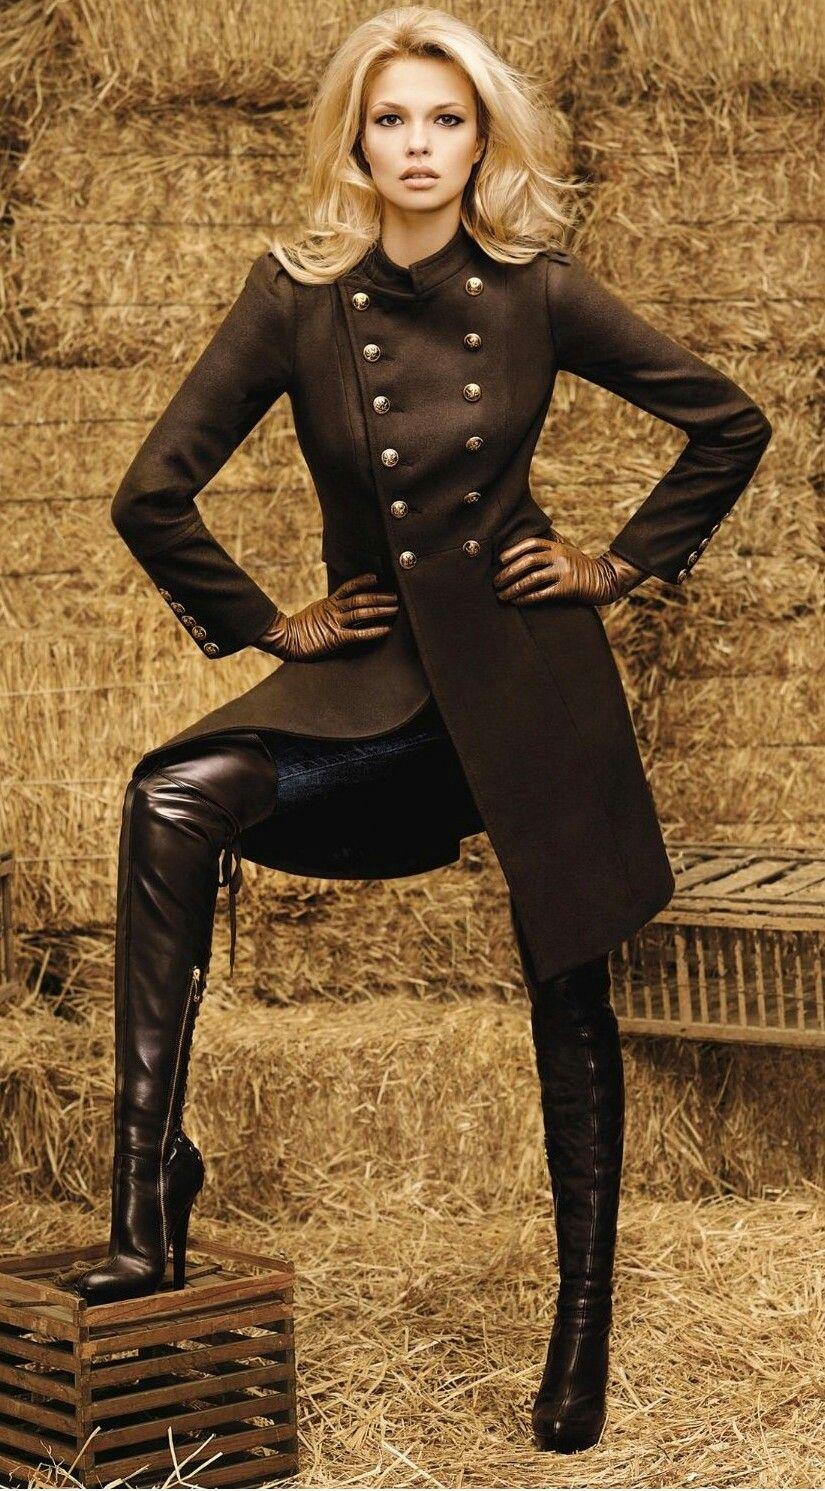 pinchris ranninger on women in boots | pinterest | high boots